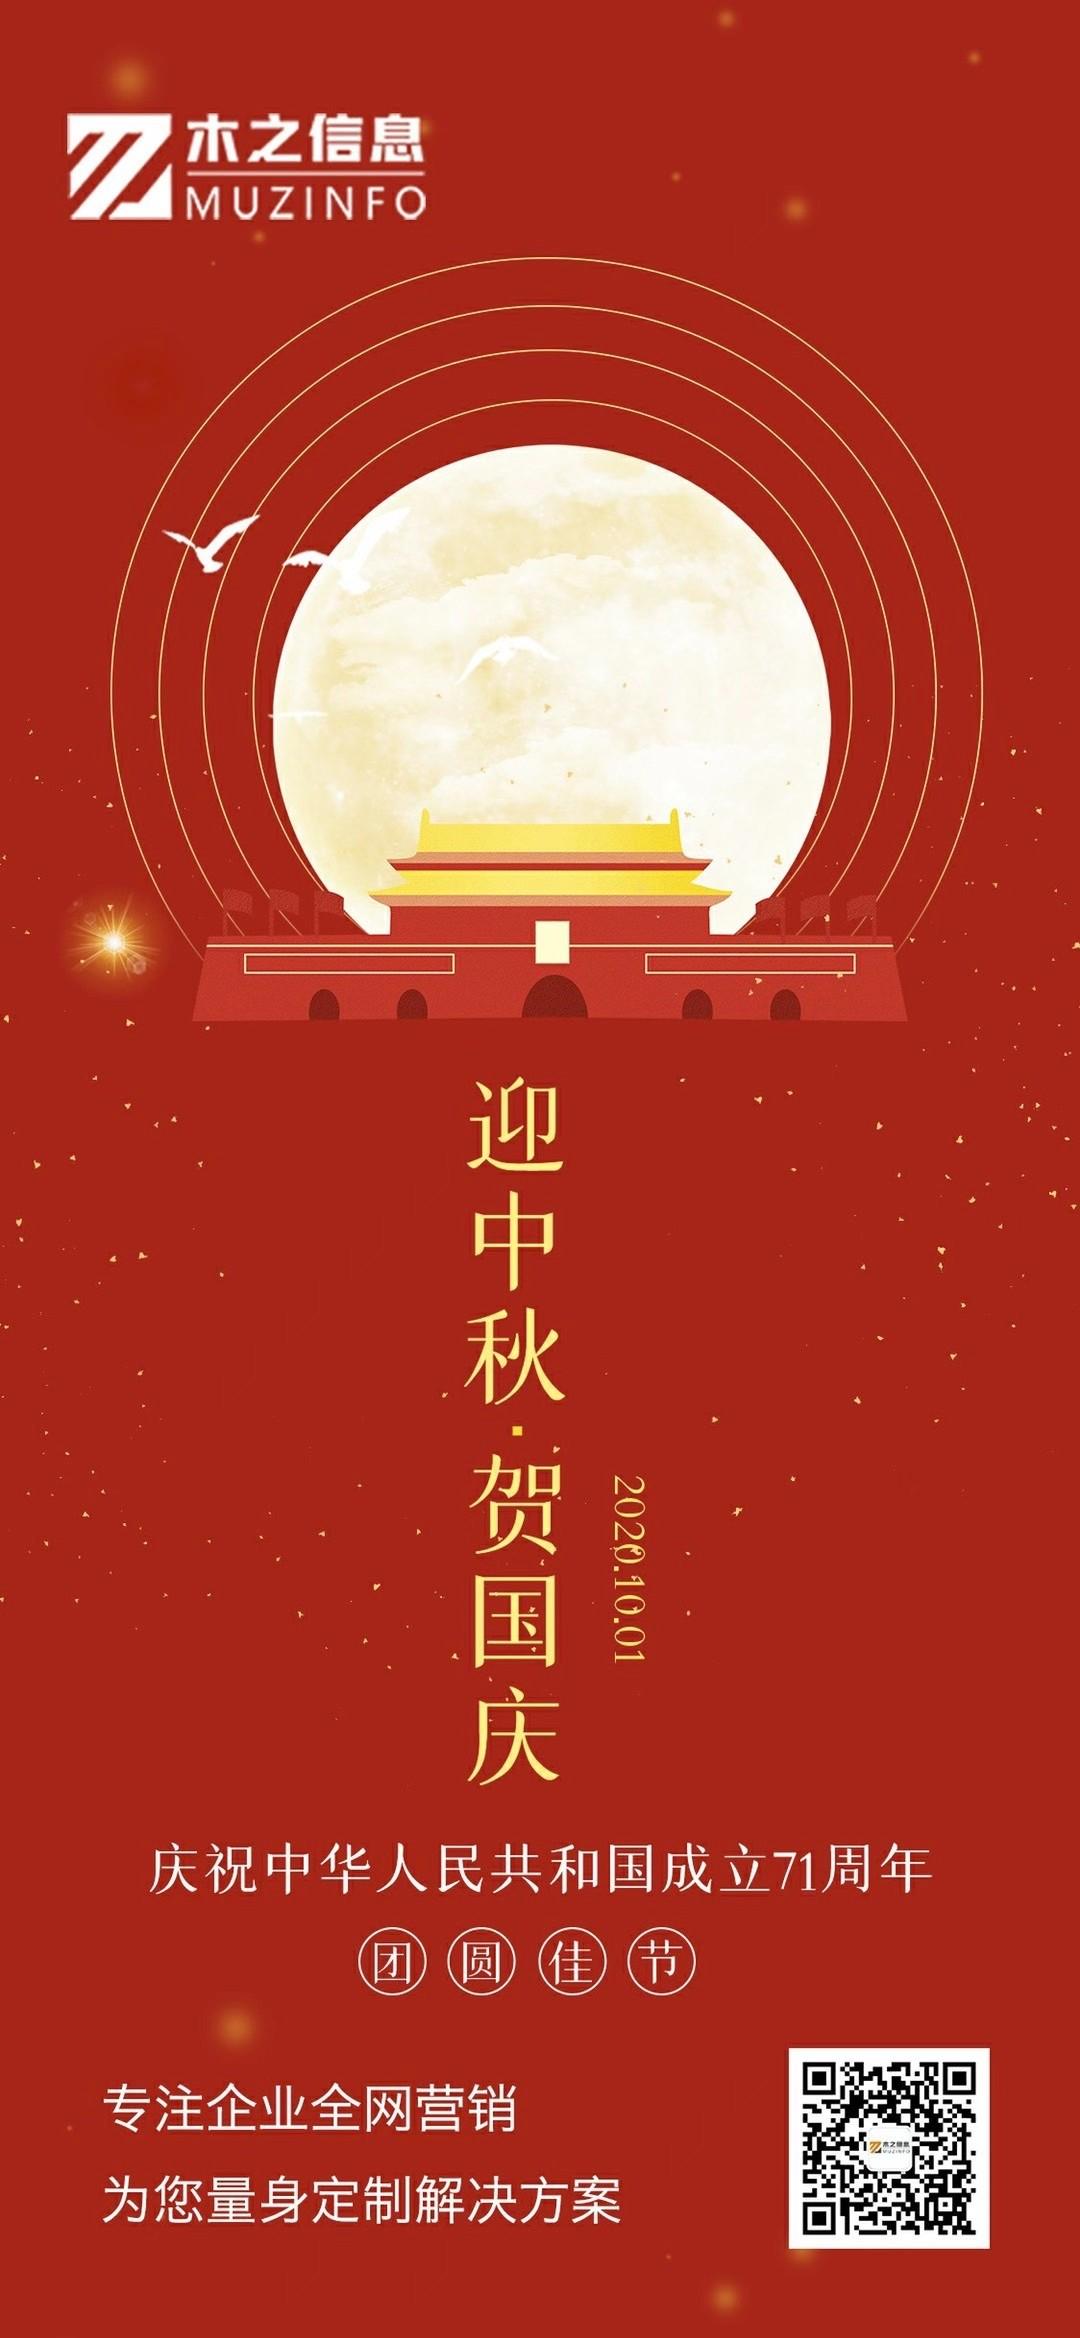 国庆|木之信息国庆放假通知